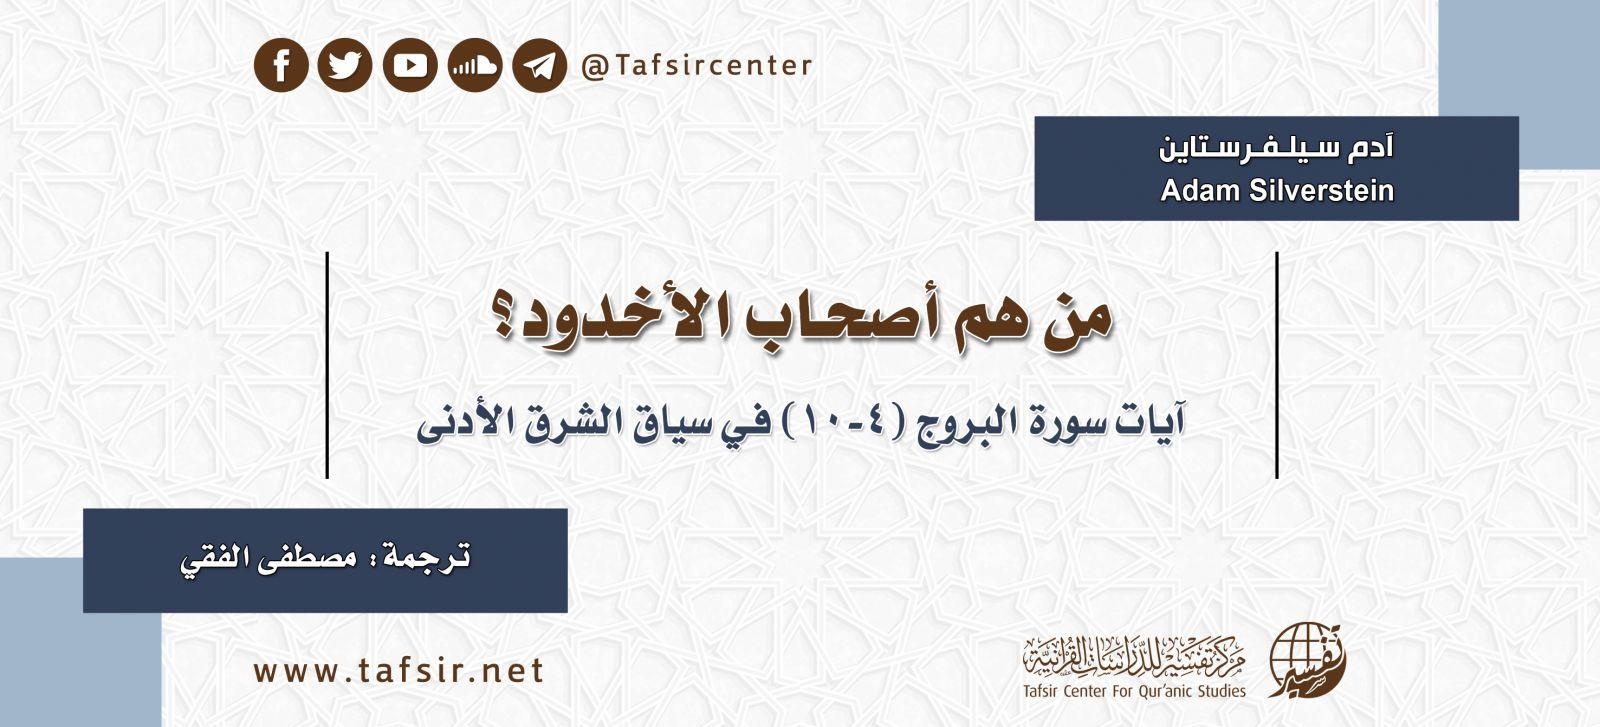 من هم أصحاب الأخدود آيات سورة البروج 4 10 في سياق الشرق الأدنى Tafsir Center For Quranic Studies مركز تفسير للدراسات القرآنية